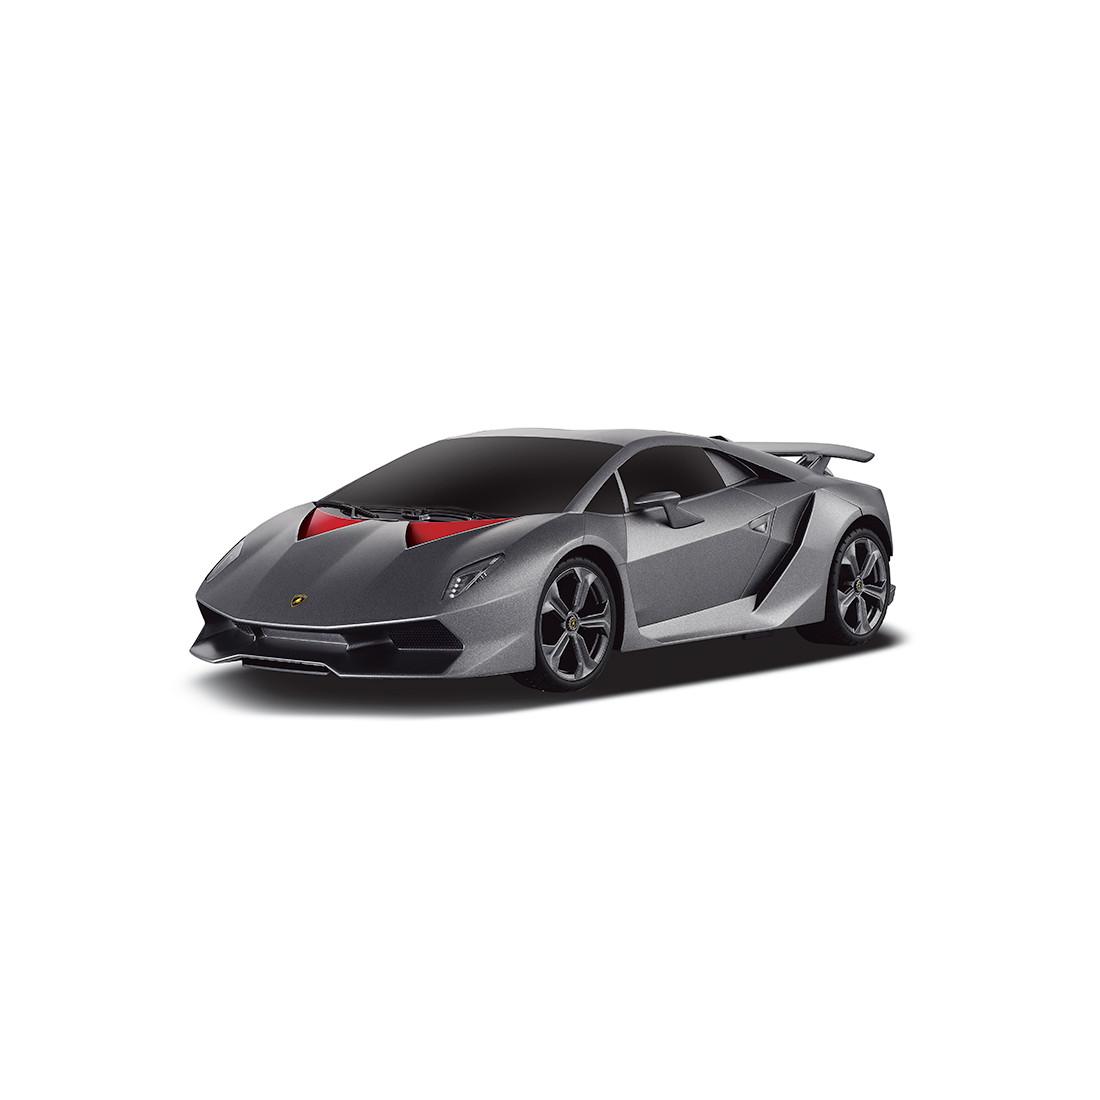 Радиоуправляемая машина RASTAR 53700-10G 1:18 Lamborghini Sesto Elemento  С пультом управления в виде руля